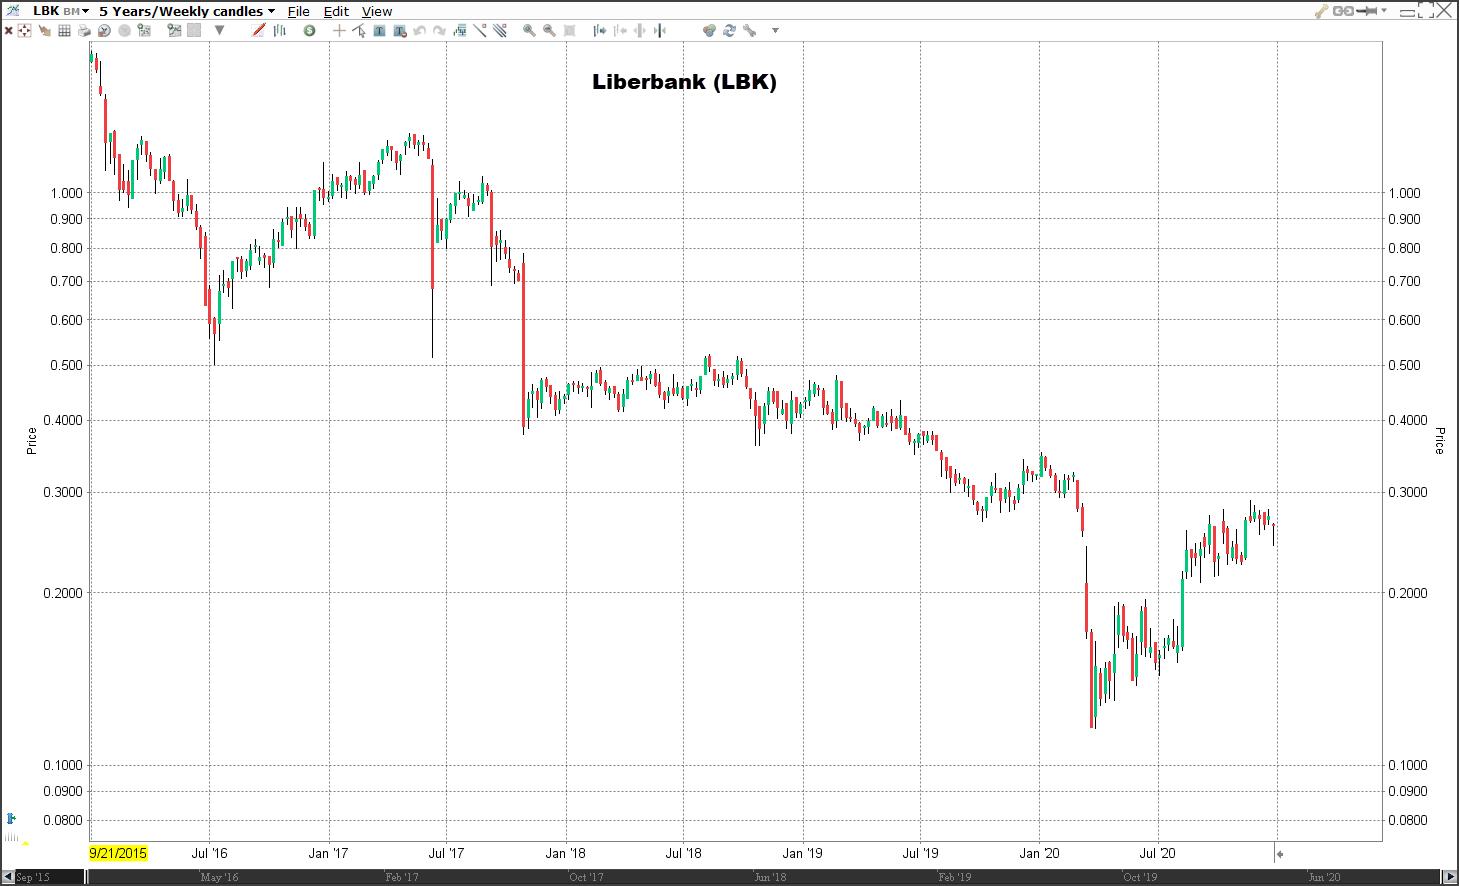 Aandeel Liberbank koers | Welke aandelen kopen 2021?